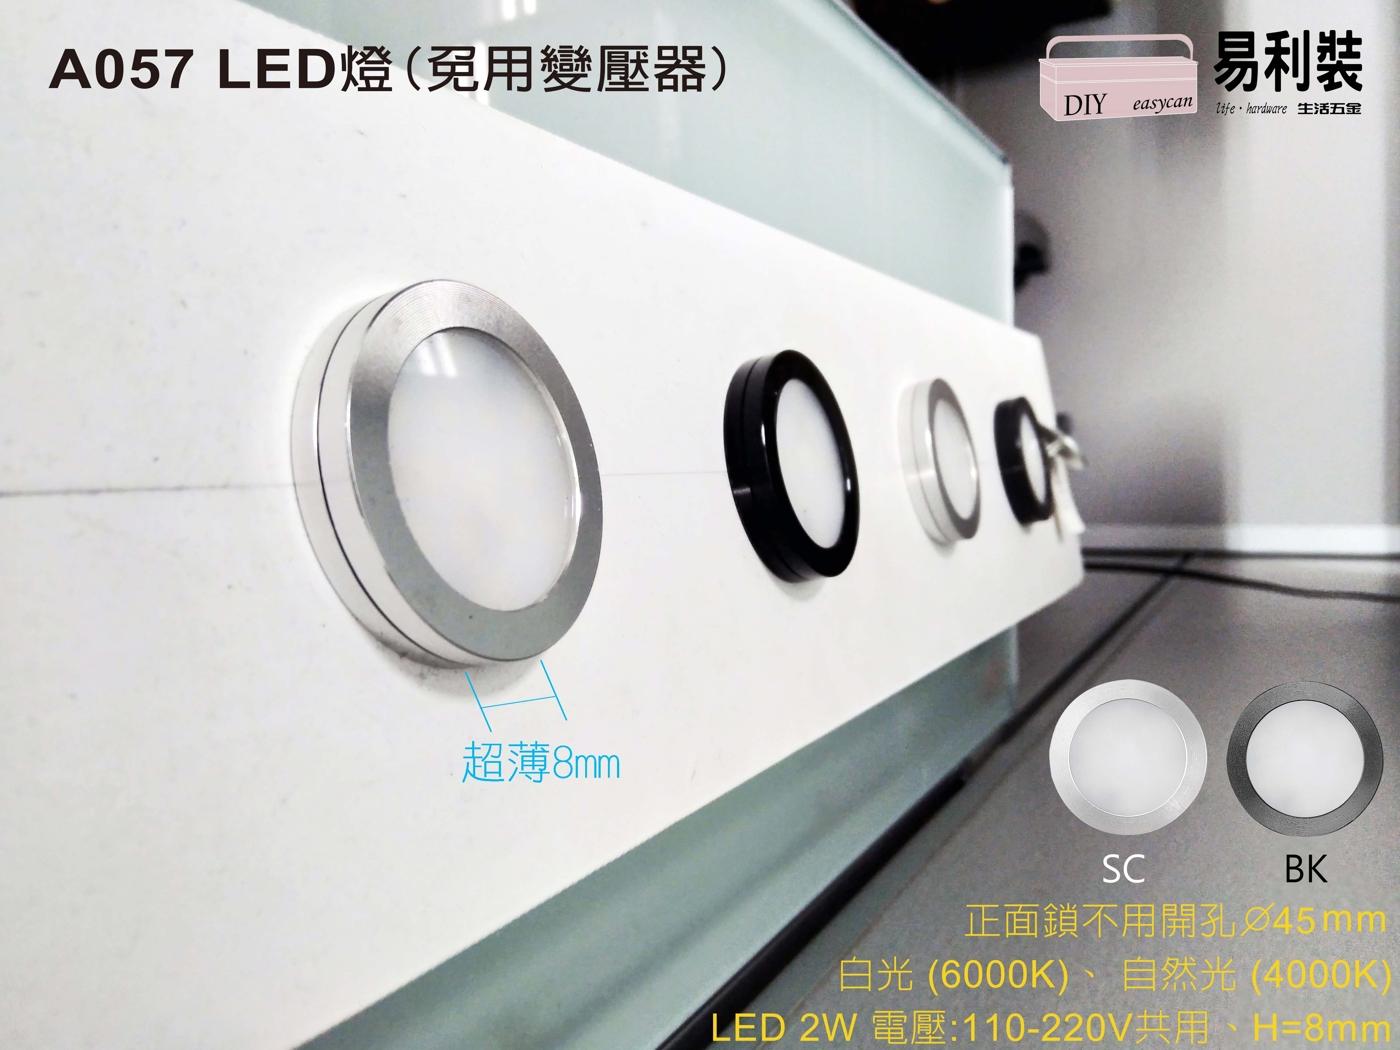 EASYCAN A057水霧鉻正面鎖LED燈易利裝生活五金超薄房間臥房客廳小資族